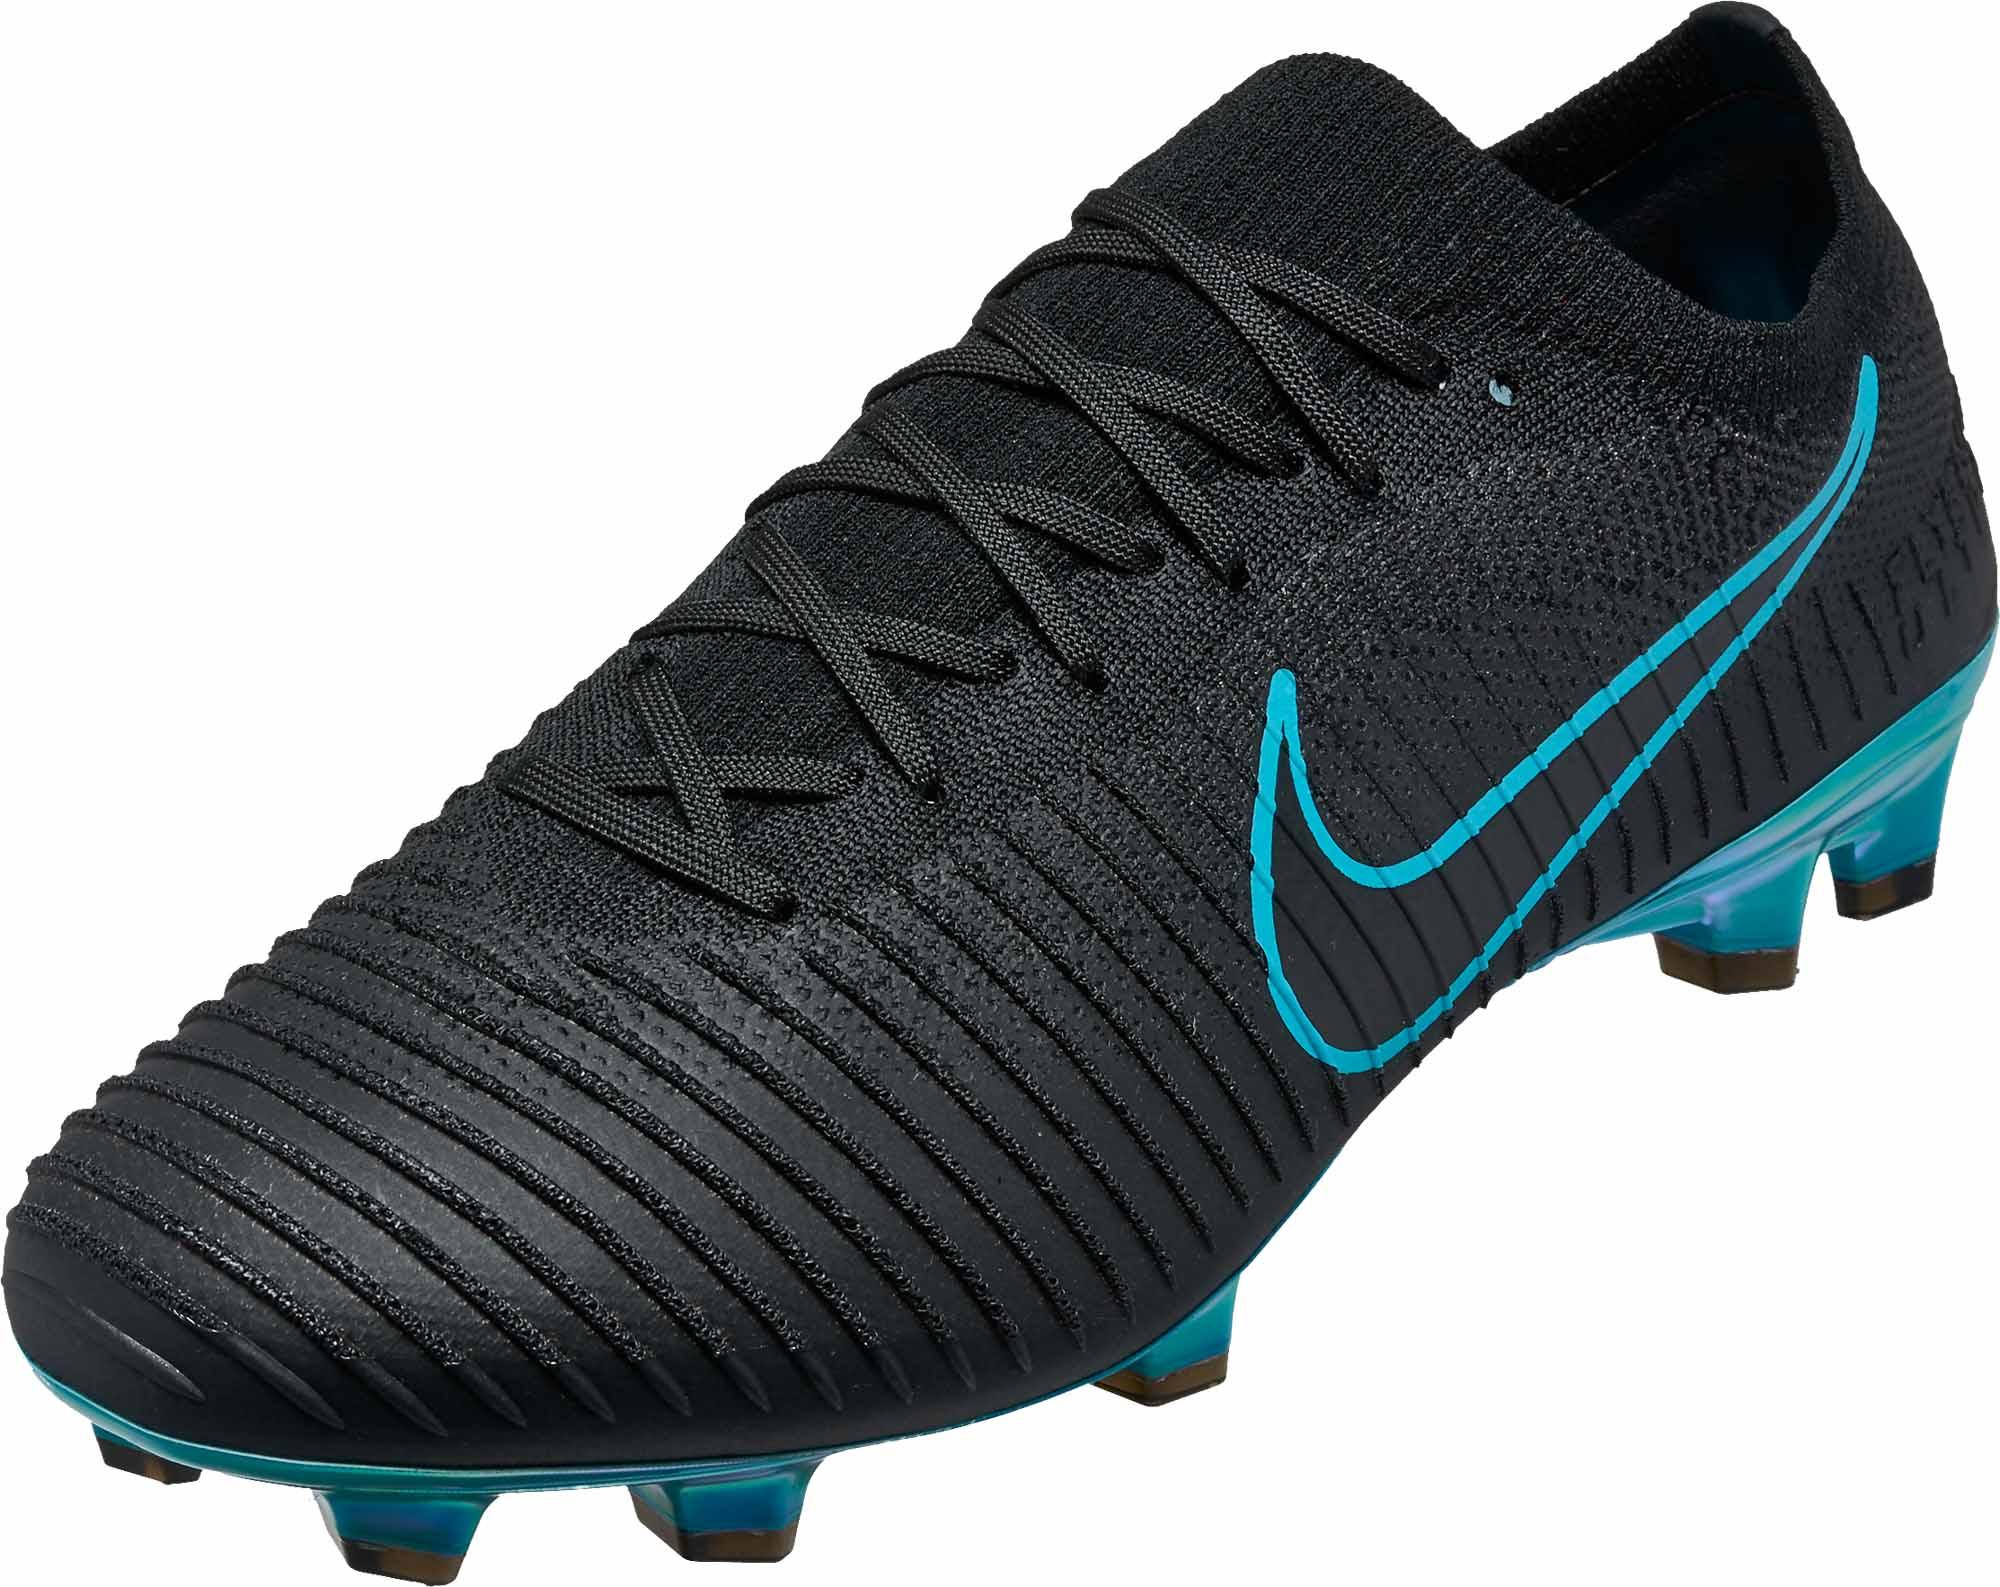 6987aa9c9b4d0a Nike Flyknit Ultra FG - Black   Gamma Blue